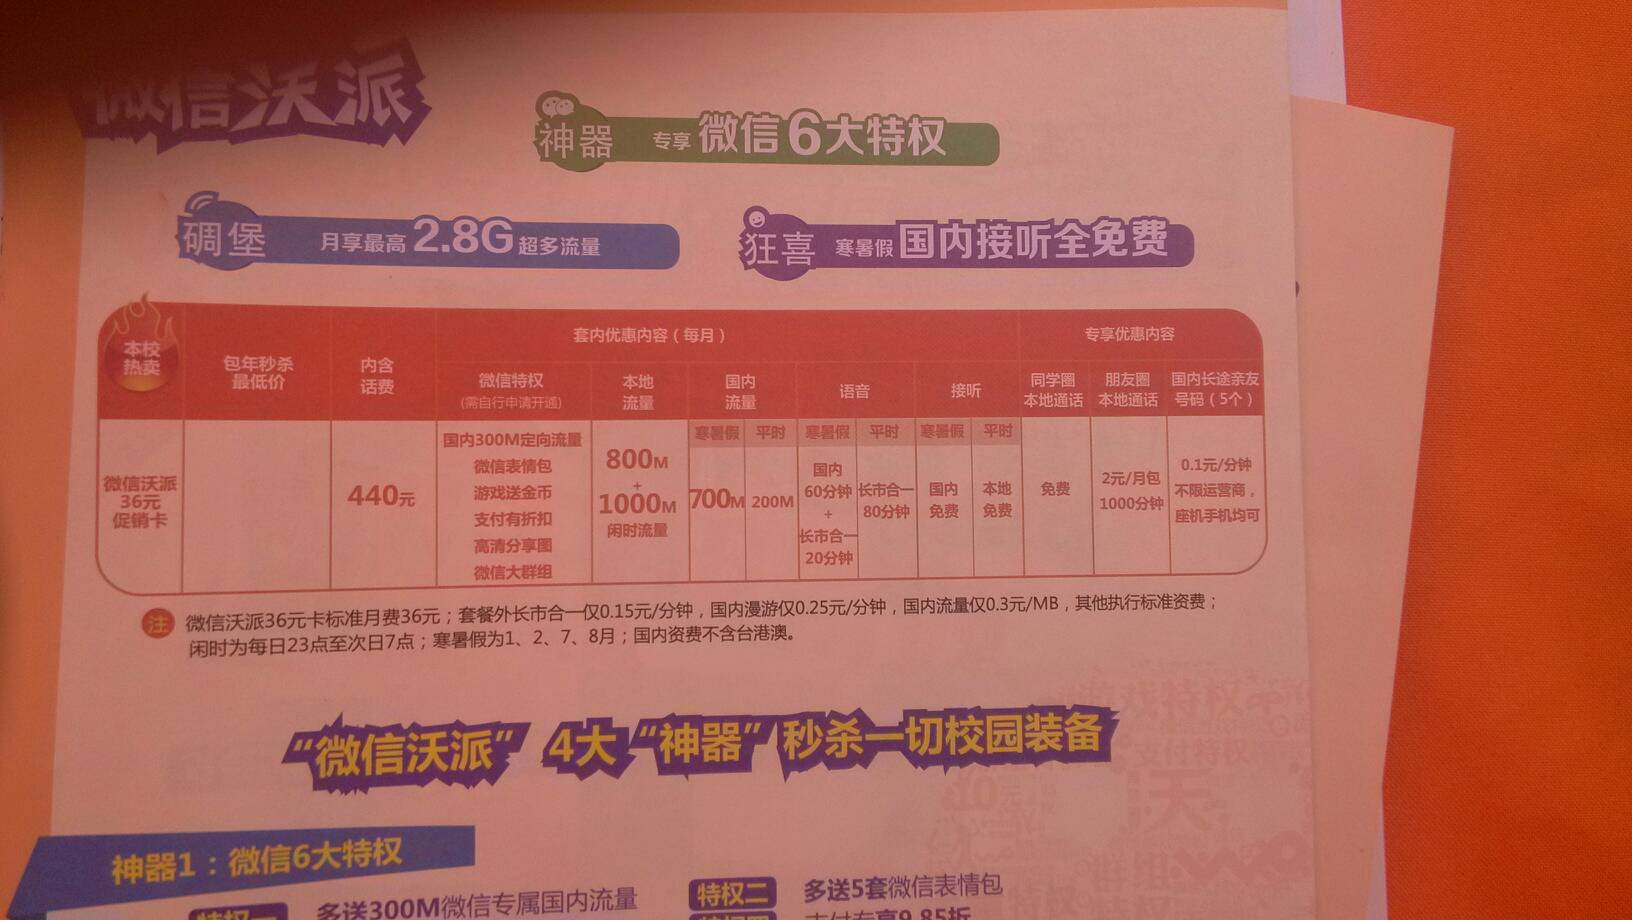 中国联通ocs1403微信沃卡36元都有什么业务